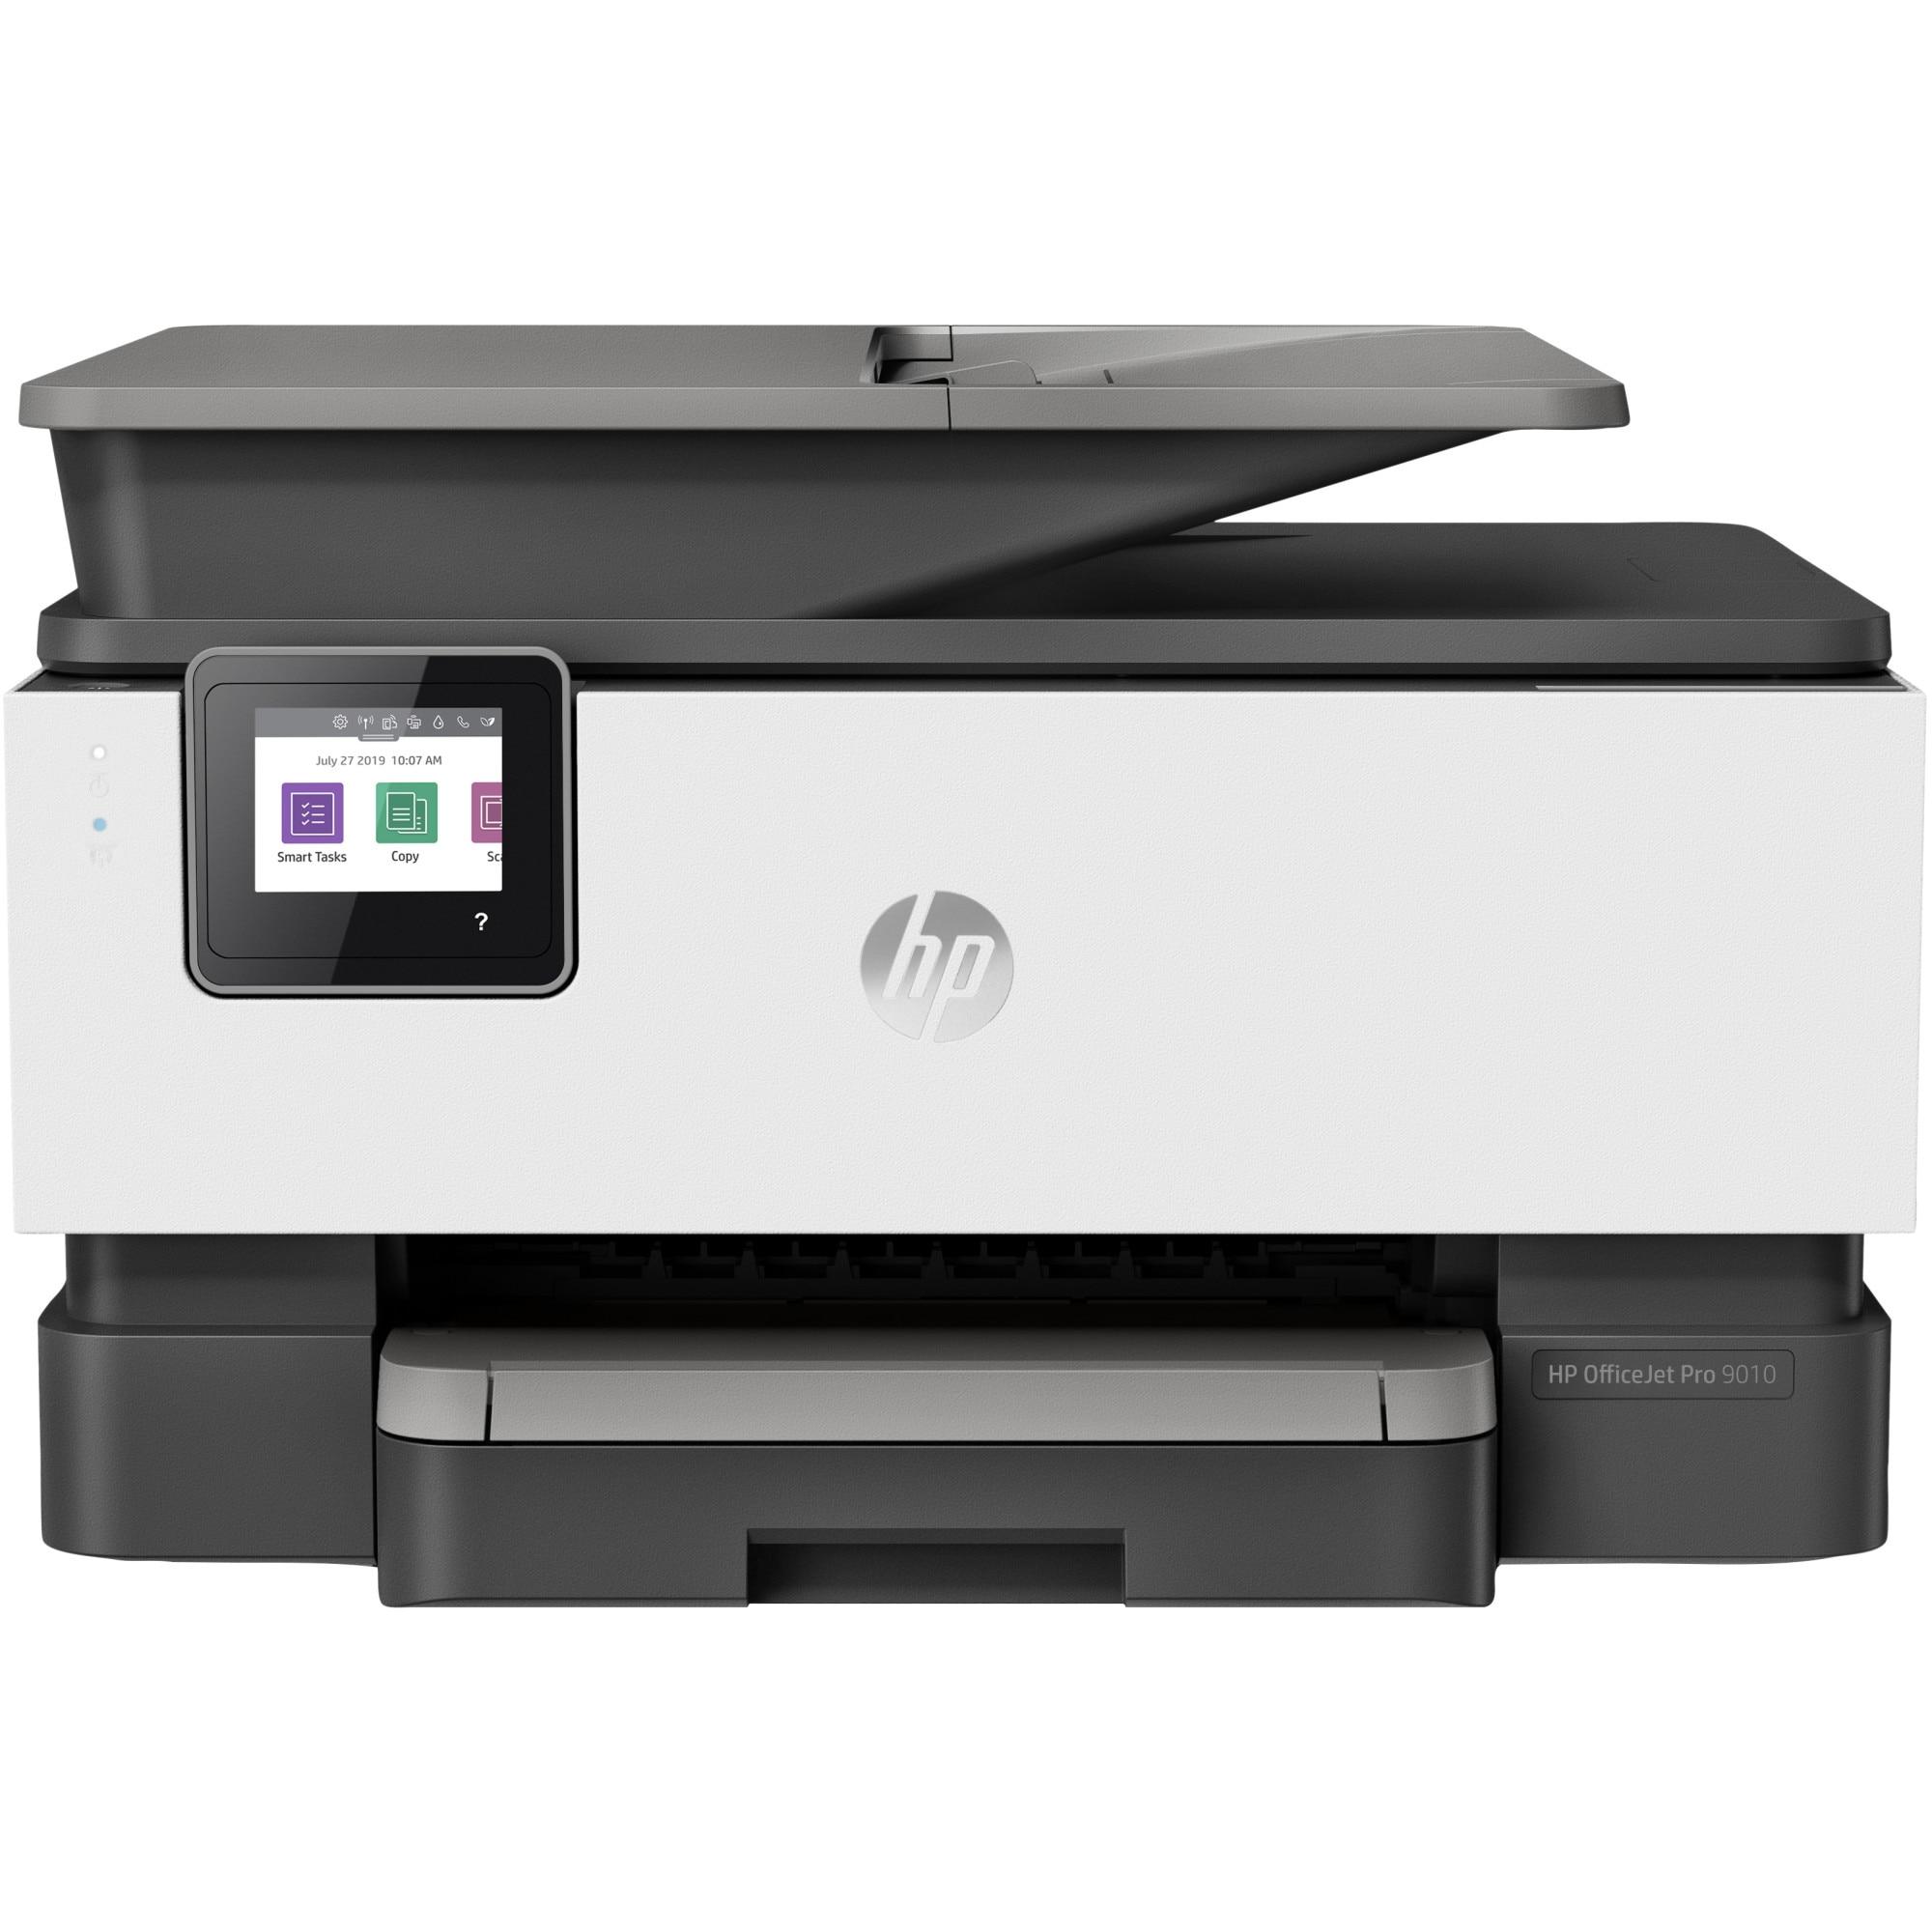 Fotografie Multifunctional HP OFFICEJET PRO 9010 All-in-One, A4, 32ppm, Duplex, USB, Wi-FI, Retea